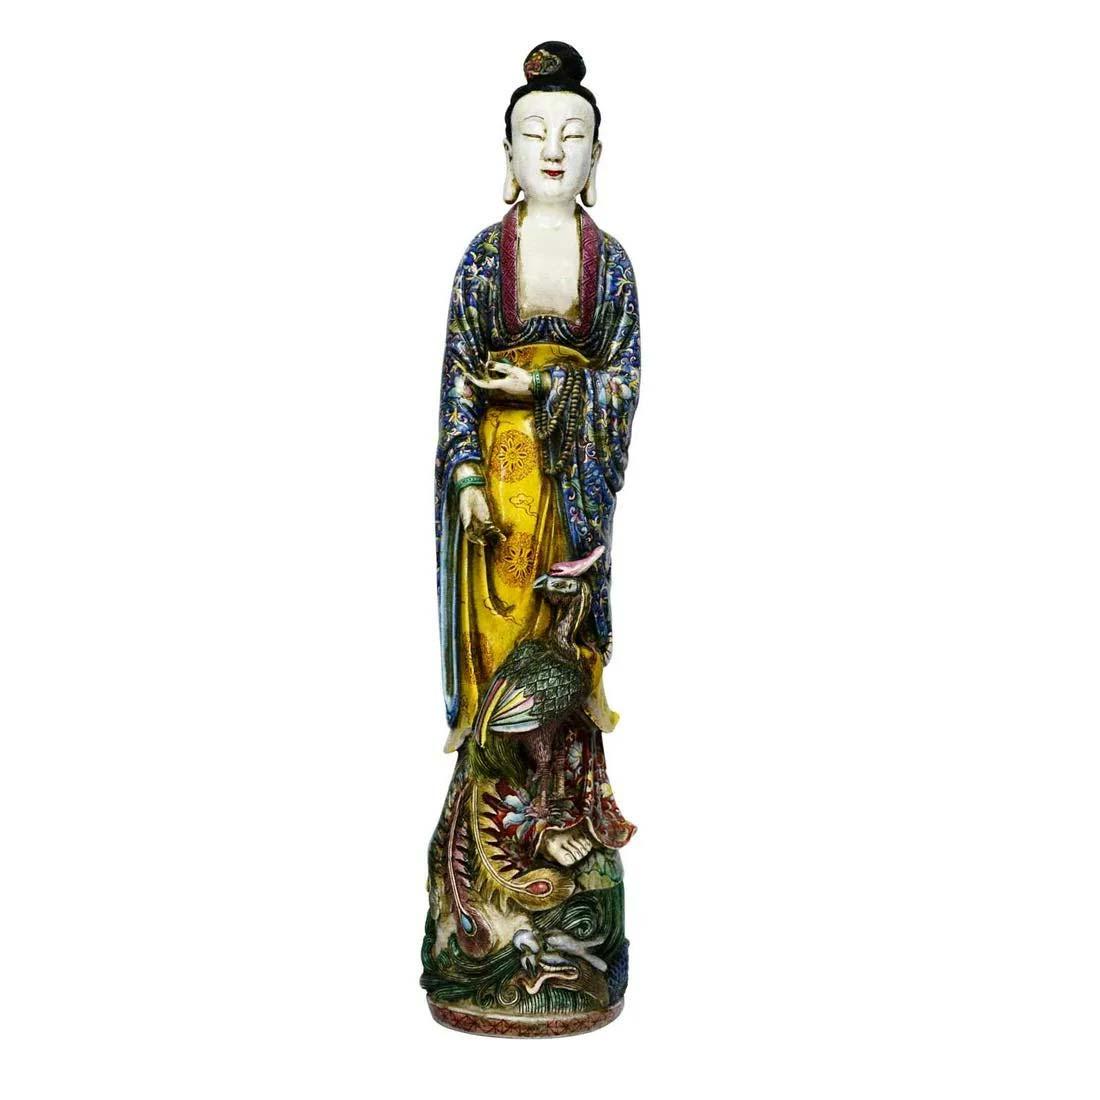 Jingdezhen Kiln famille-rose Guanyin, Qing Dynasty, $5,000-$6,000. Image courtesy Gianguan Auctions